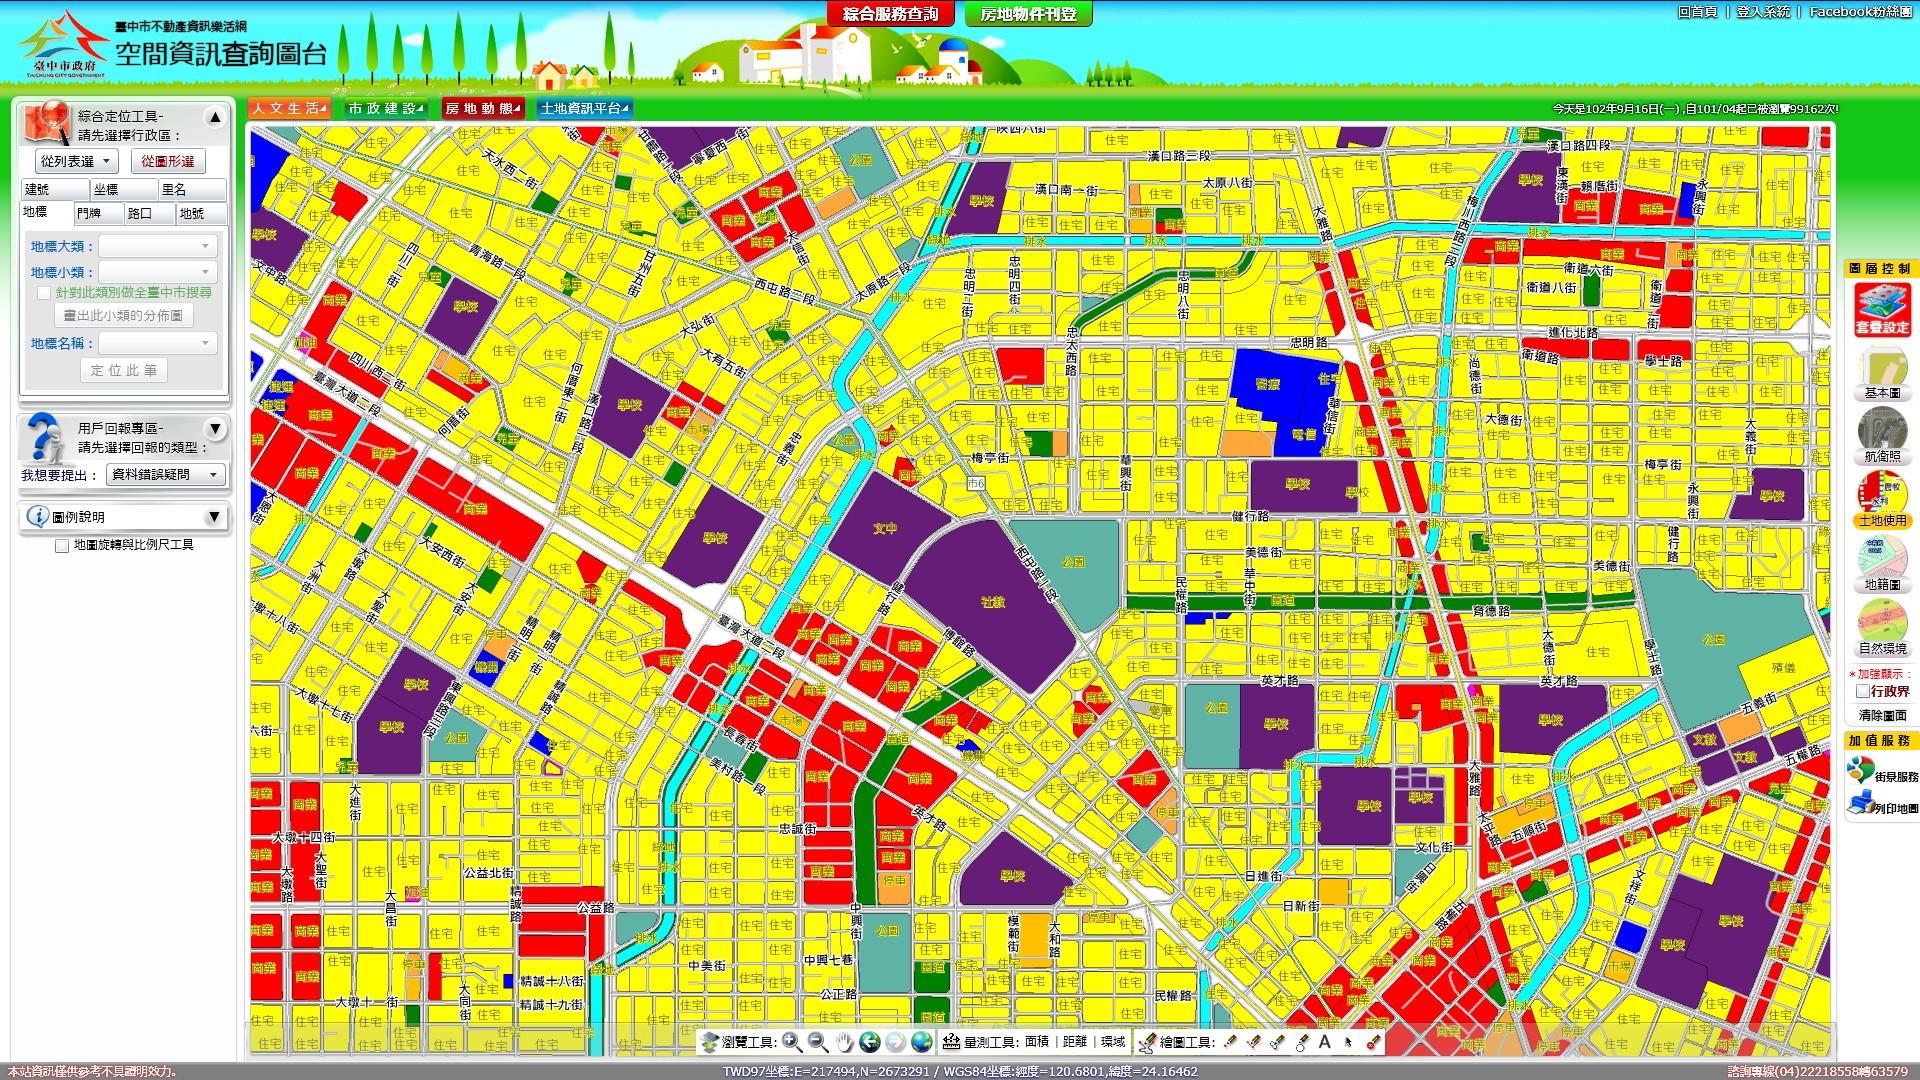 臺中市政府地政局推出「中市不動產資訊樂活網」 « 地圖與遙測影像數位典藏計畫